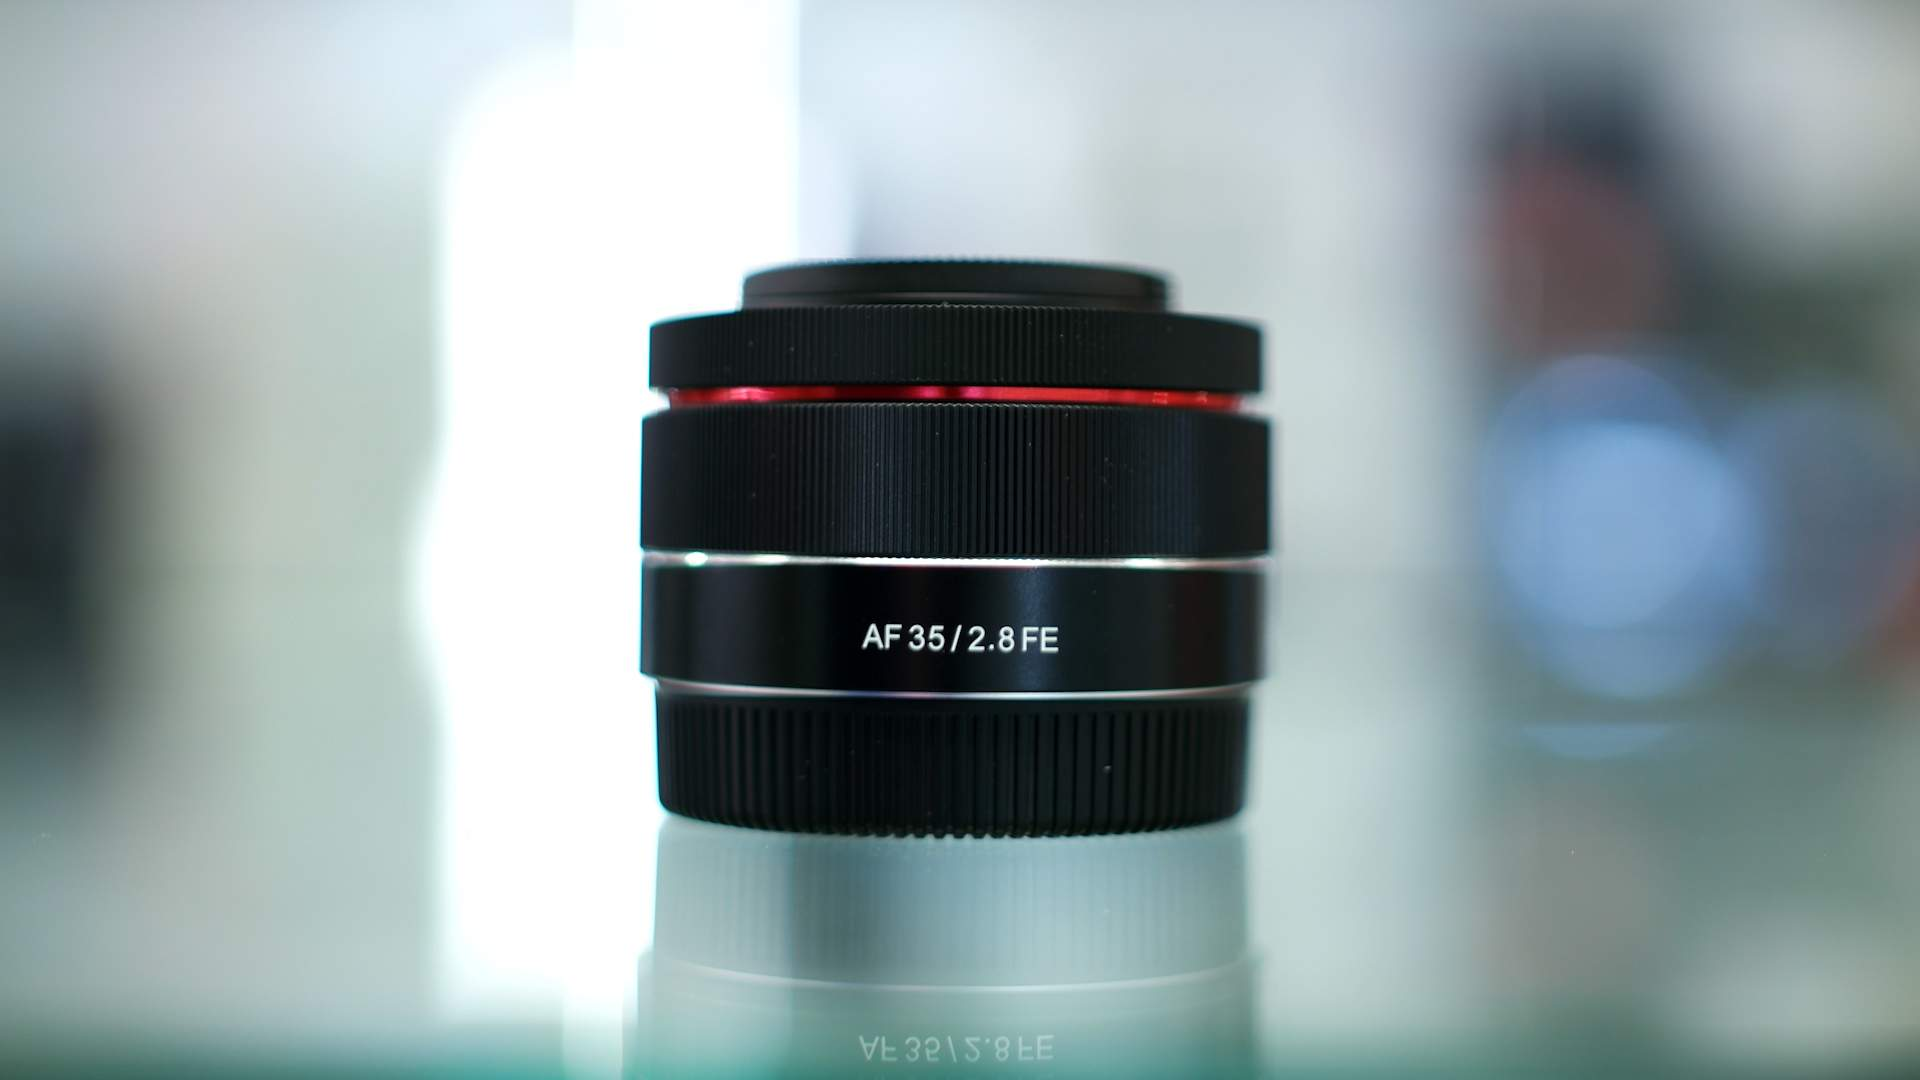 Vista generale Samyang af 35mm f2.8 FE